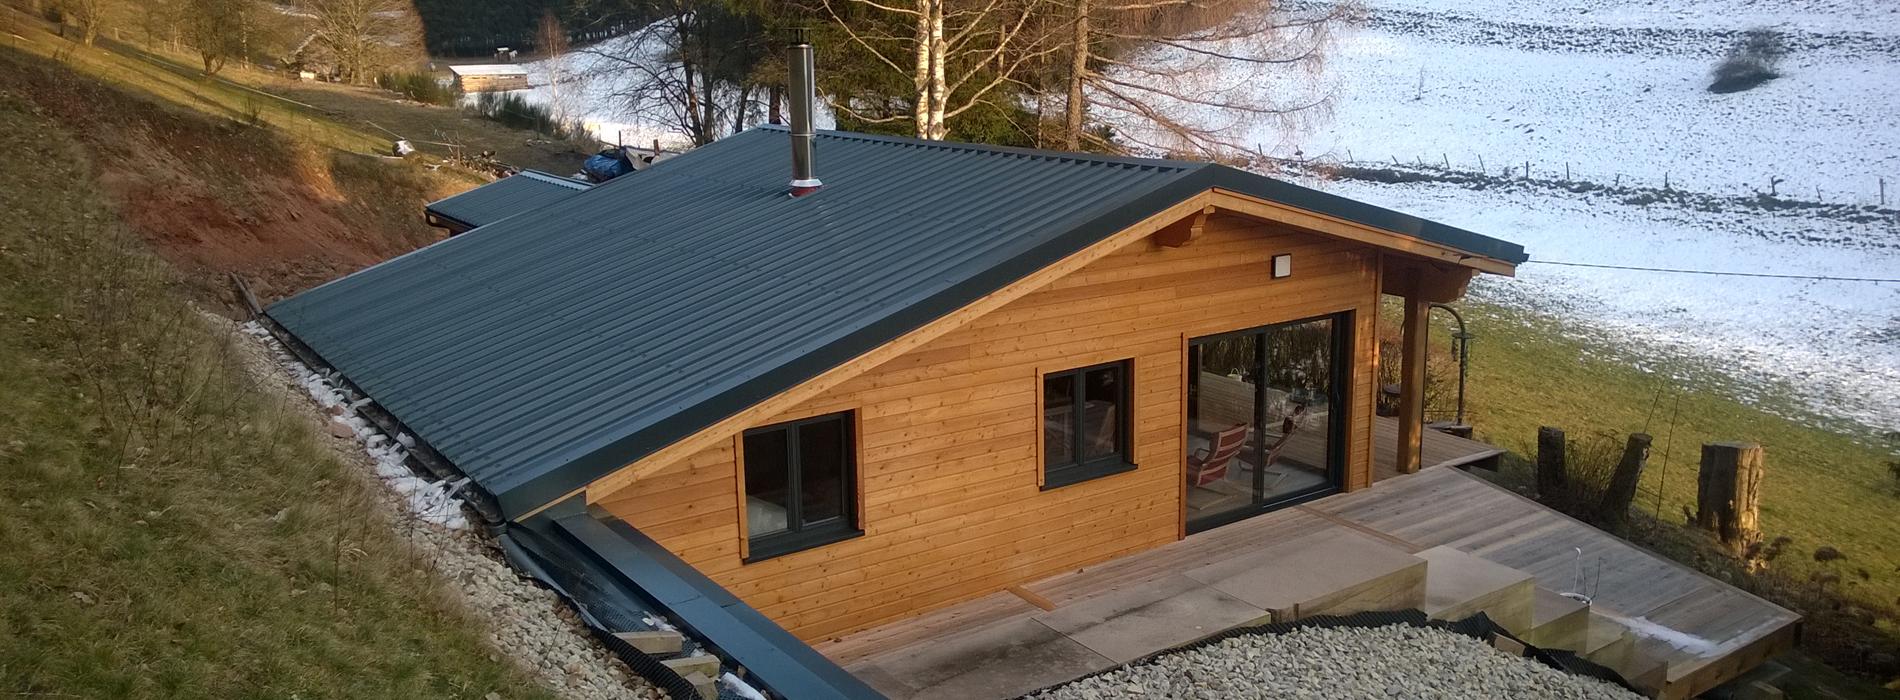 Maison En Bois Moselle charpente sutter : maison-bois - 5 rue des fontaines 57405